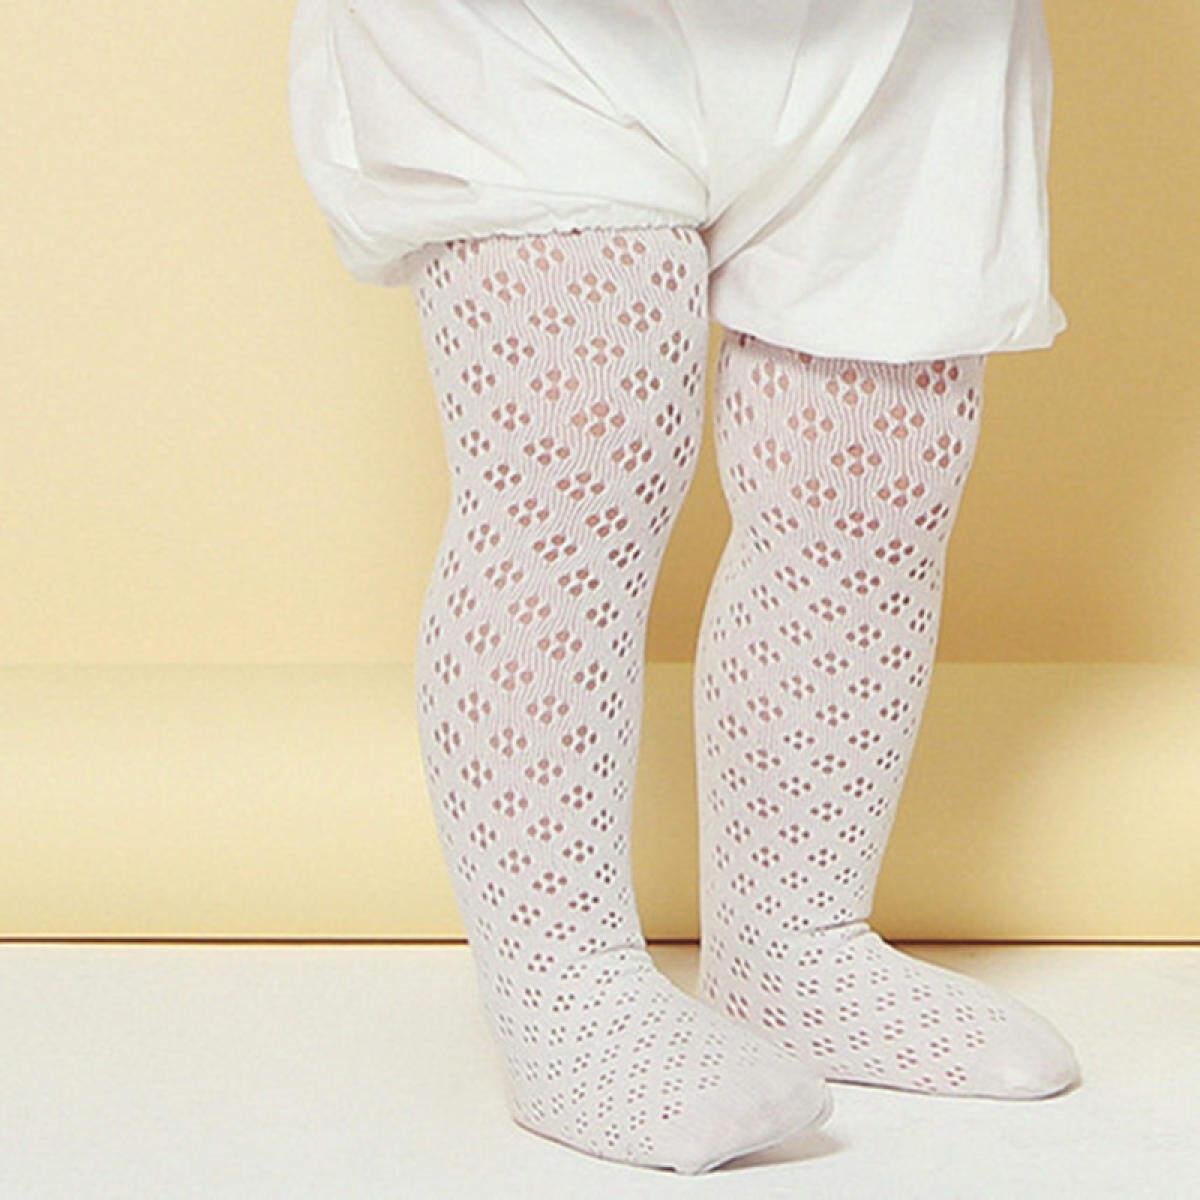 Chenxi Gaya Korea Musim Panas Bayi Celana Ketat Hollow Stoking Anak Perempuan Pantyhose Anak Putih Bayi